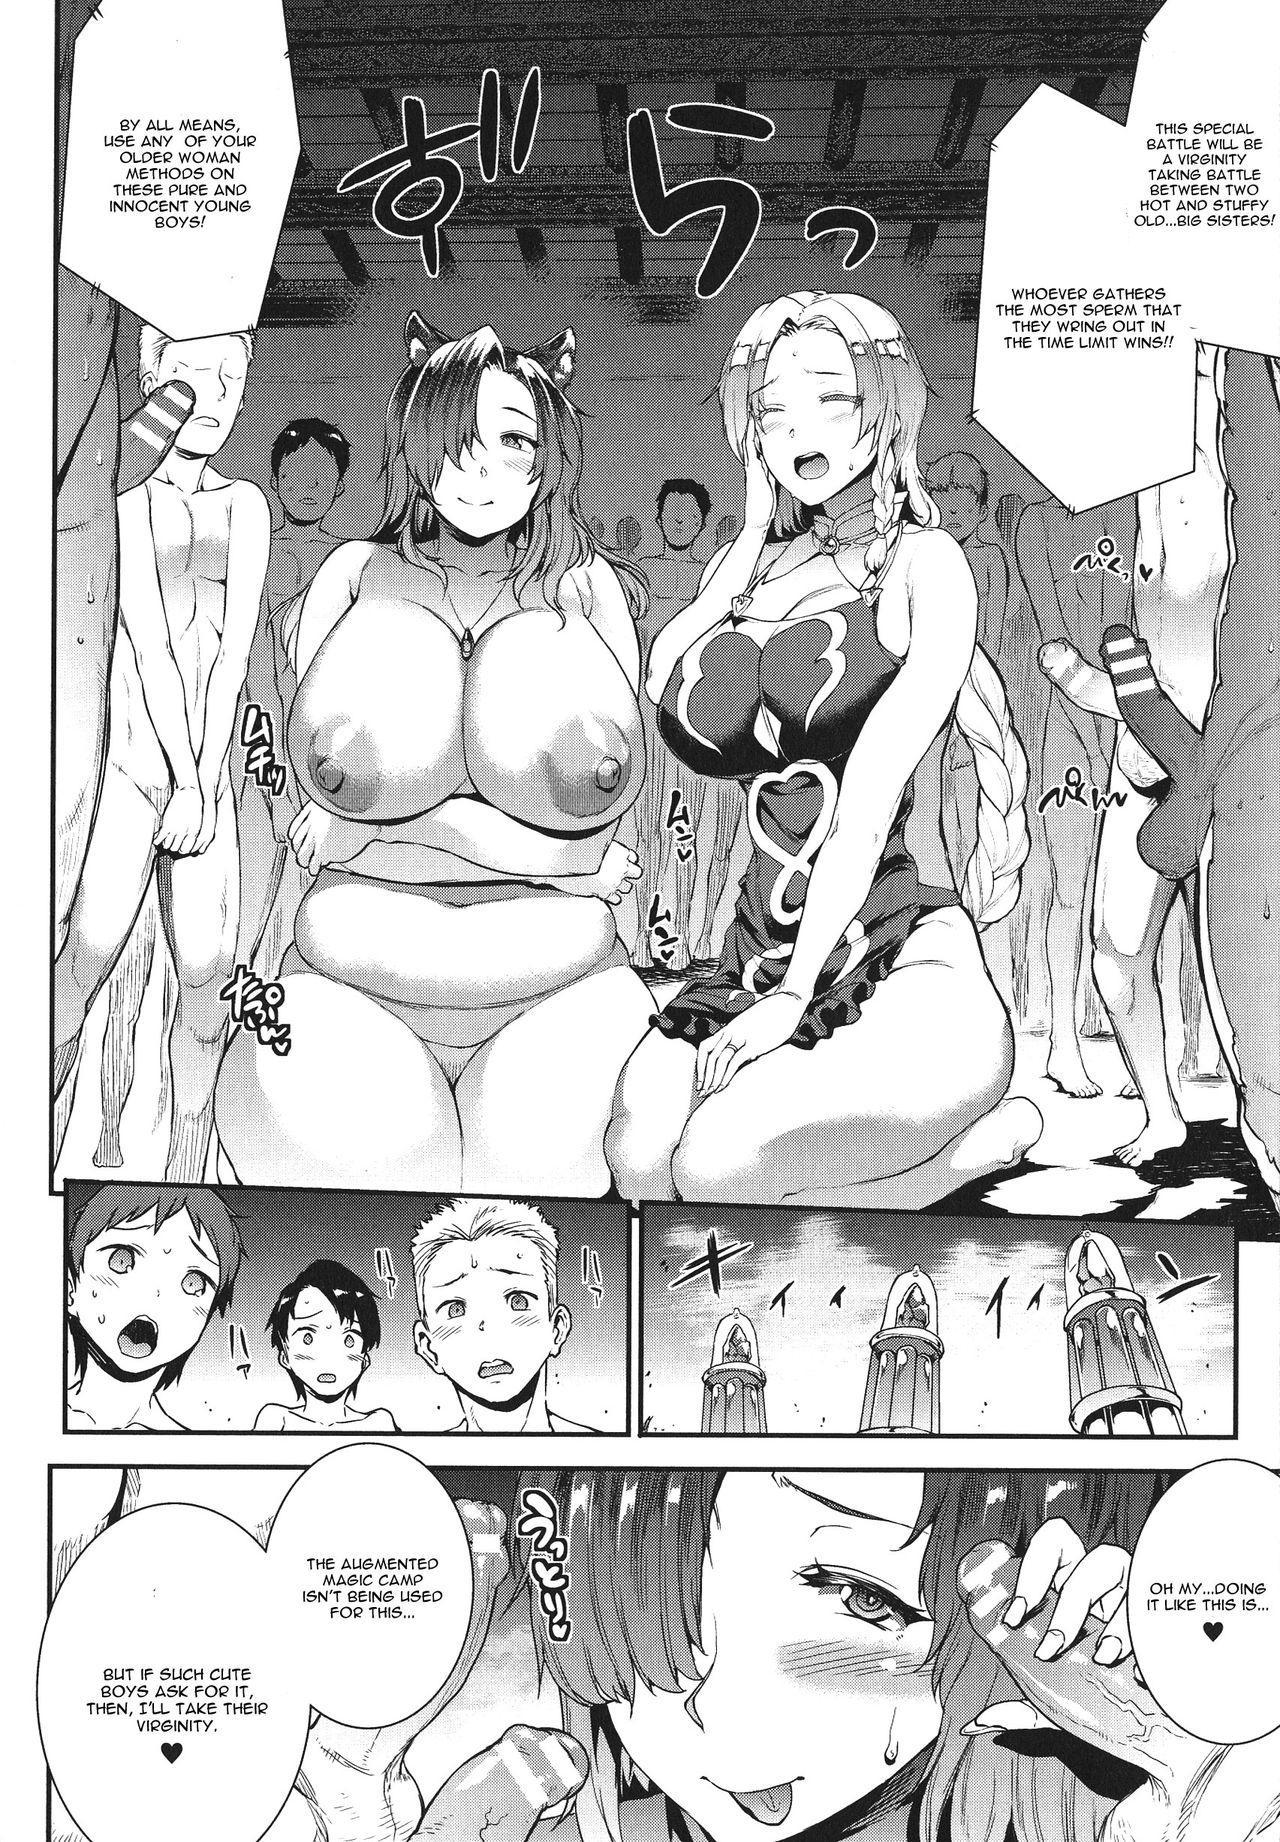 [Erect Sawaru] Raikou Shinki Igis Magia -PANDRA saga 3rd ignition- Ch. 1-7 + Medousa [English] [CGrascal] 135